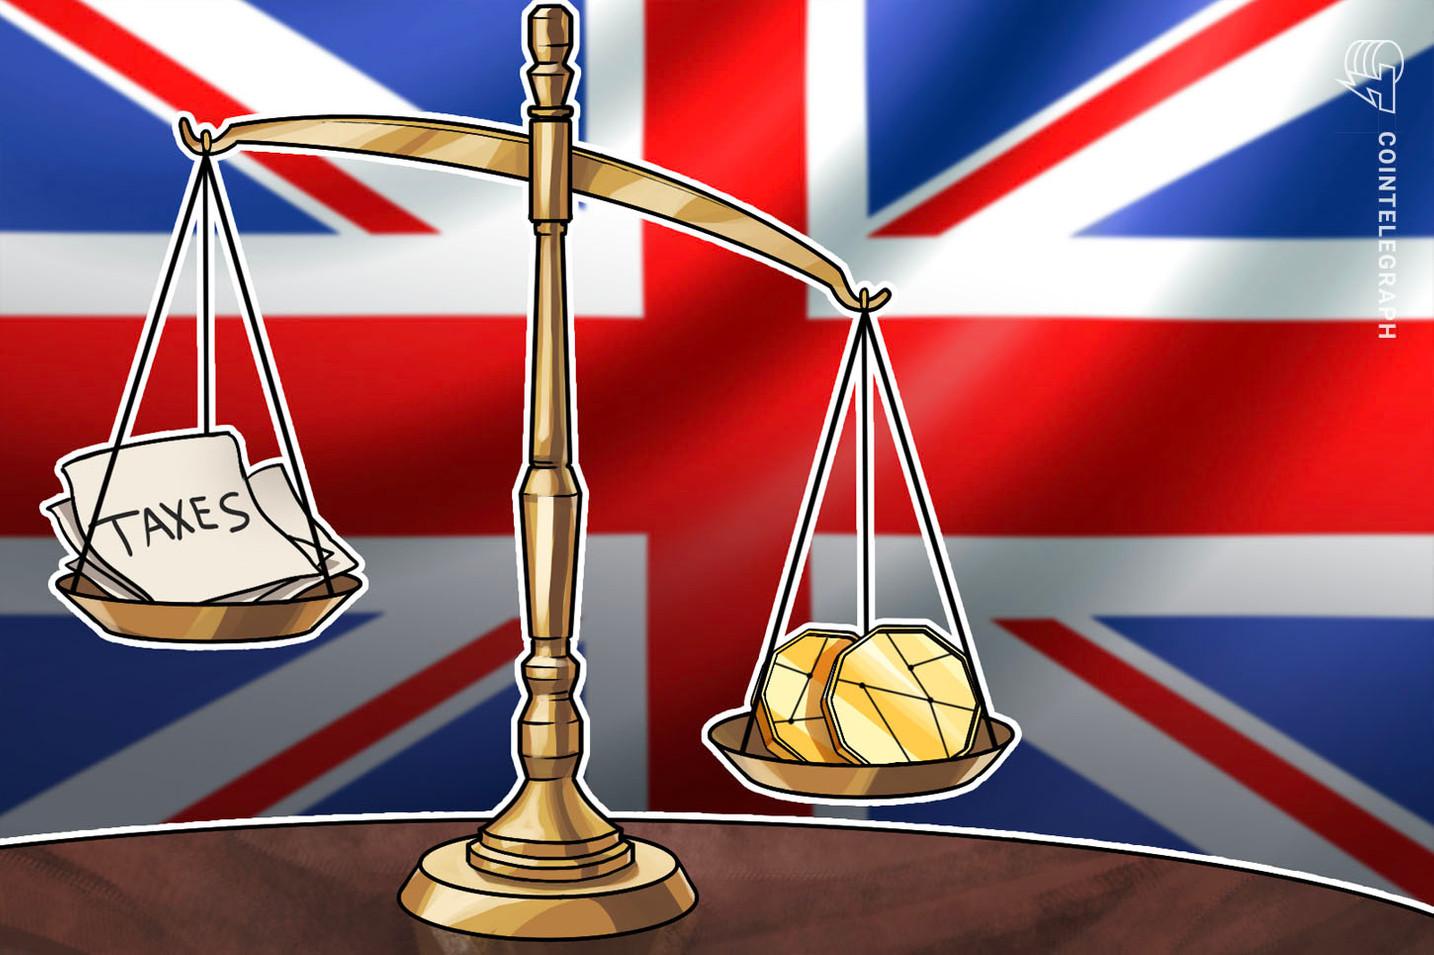 英国税務当局、ビットコインなど仮想通貨は「通貨ではない」と判断【ニュース】